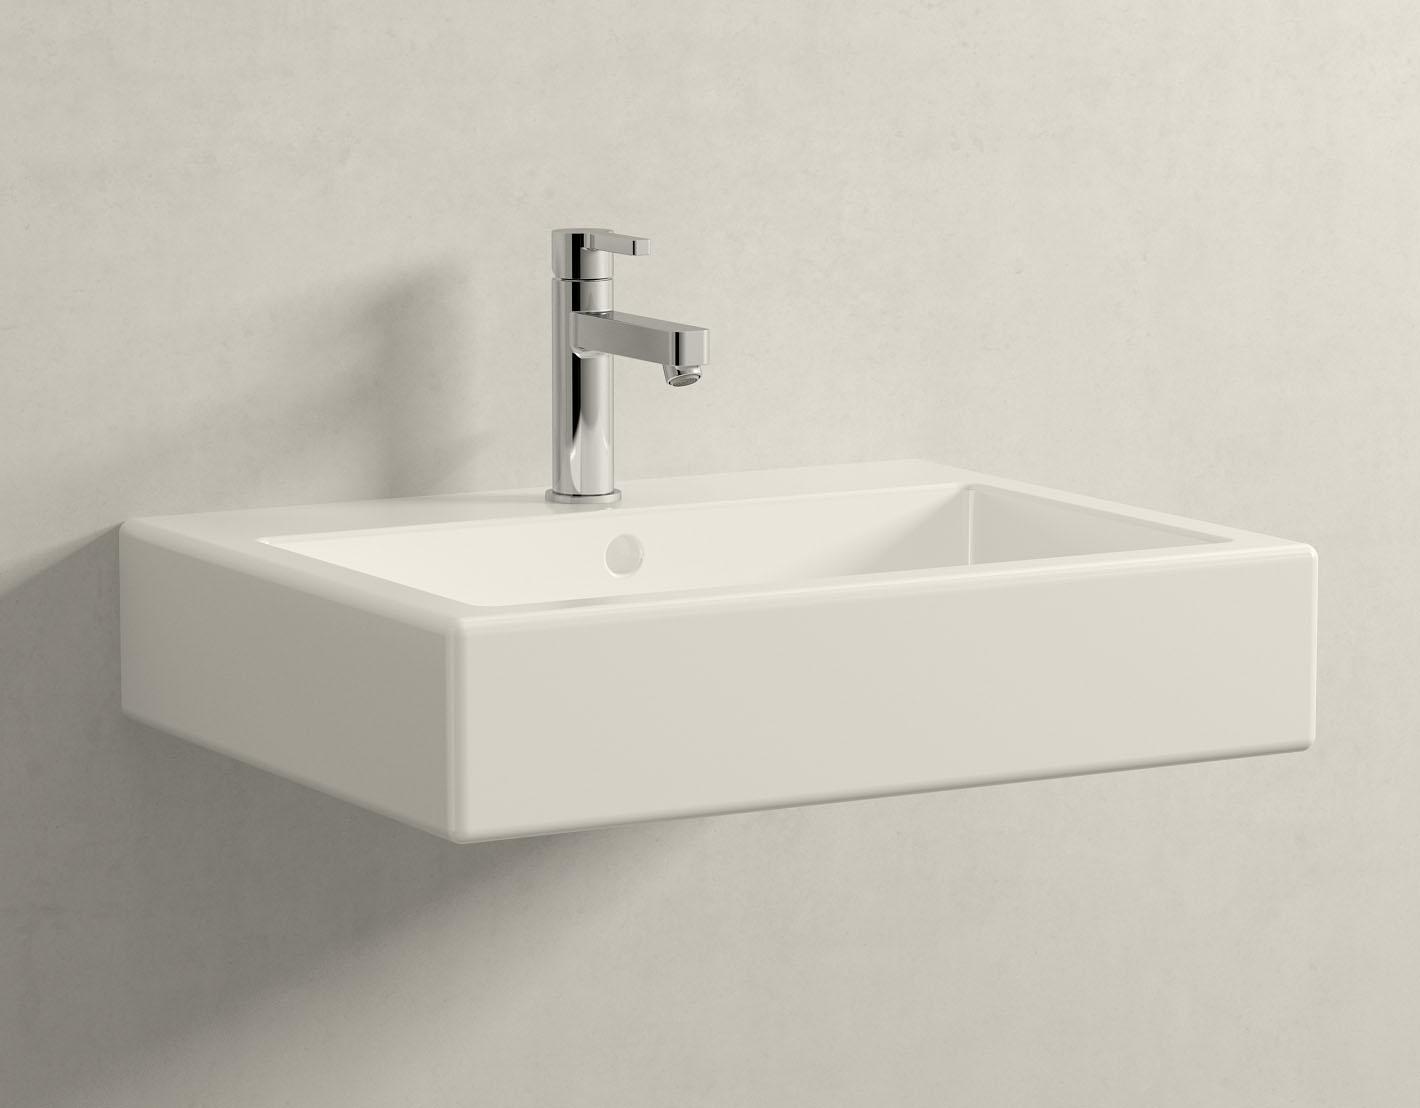 Bad unterschrank duravit vero badausstattung ein haus für den zwerg